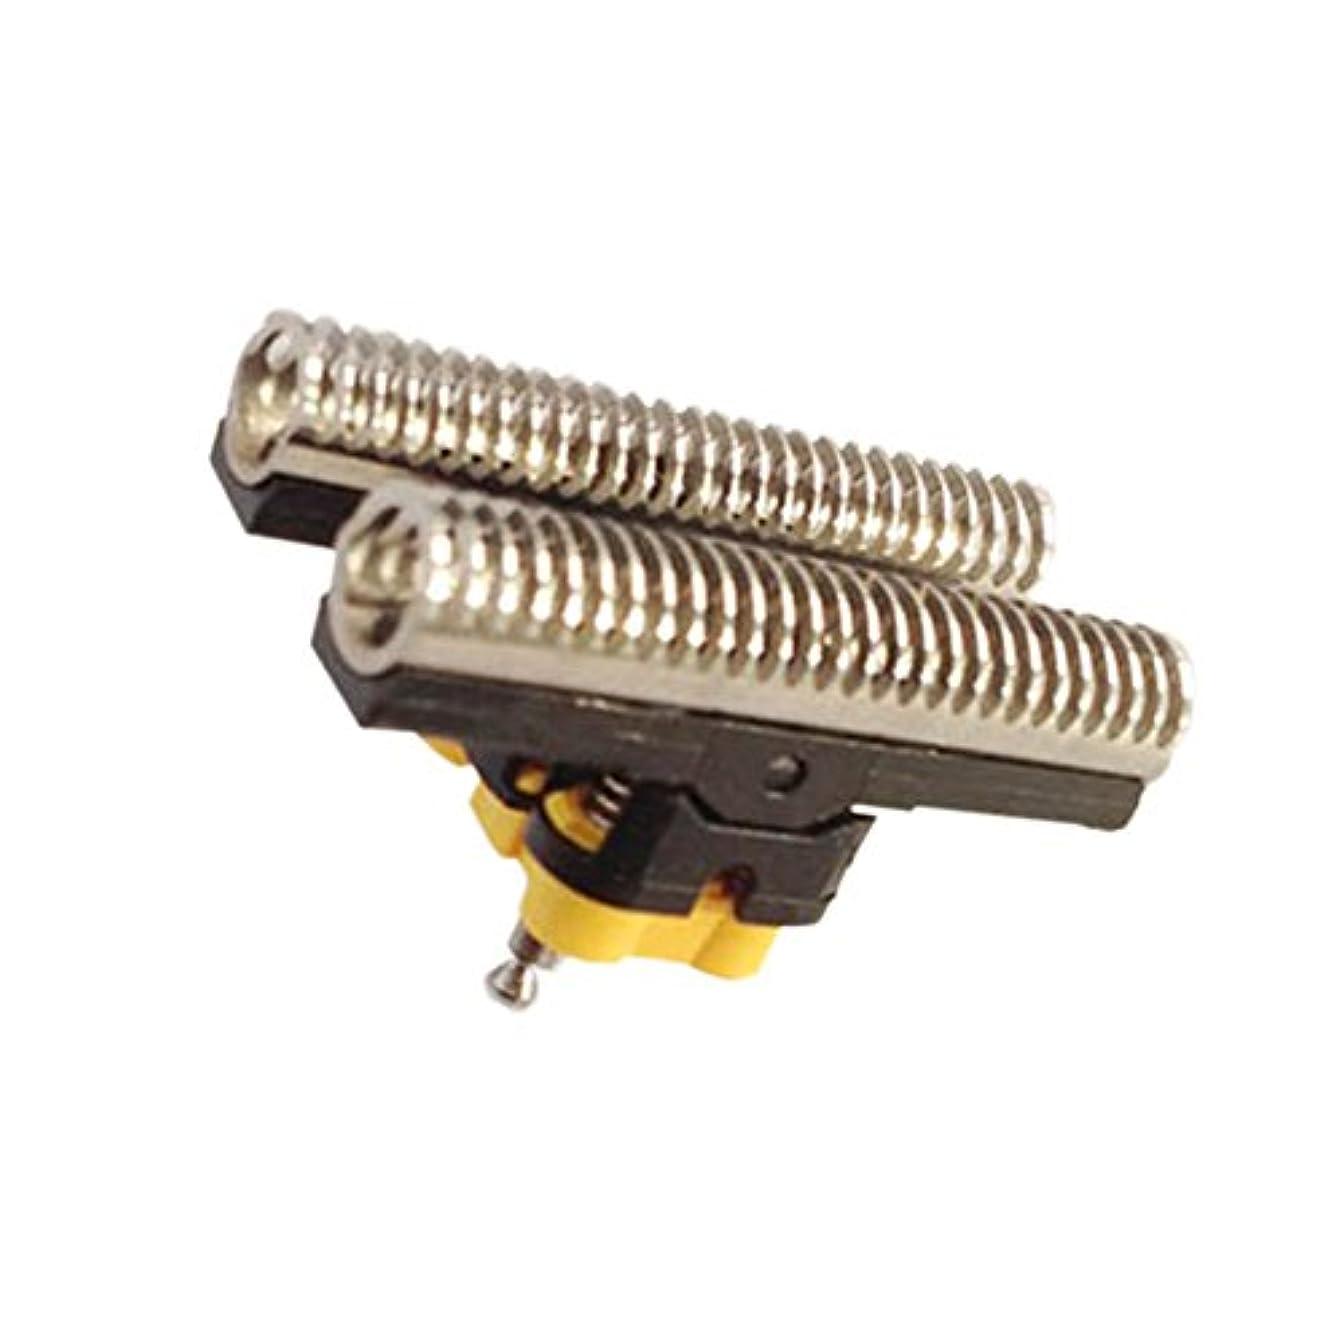 パズル小包均等にHZjundasi Replacement シェーバー 刃 for Braun 8000/7000/6000/5000/4000/3/5 Series